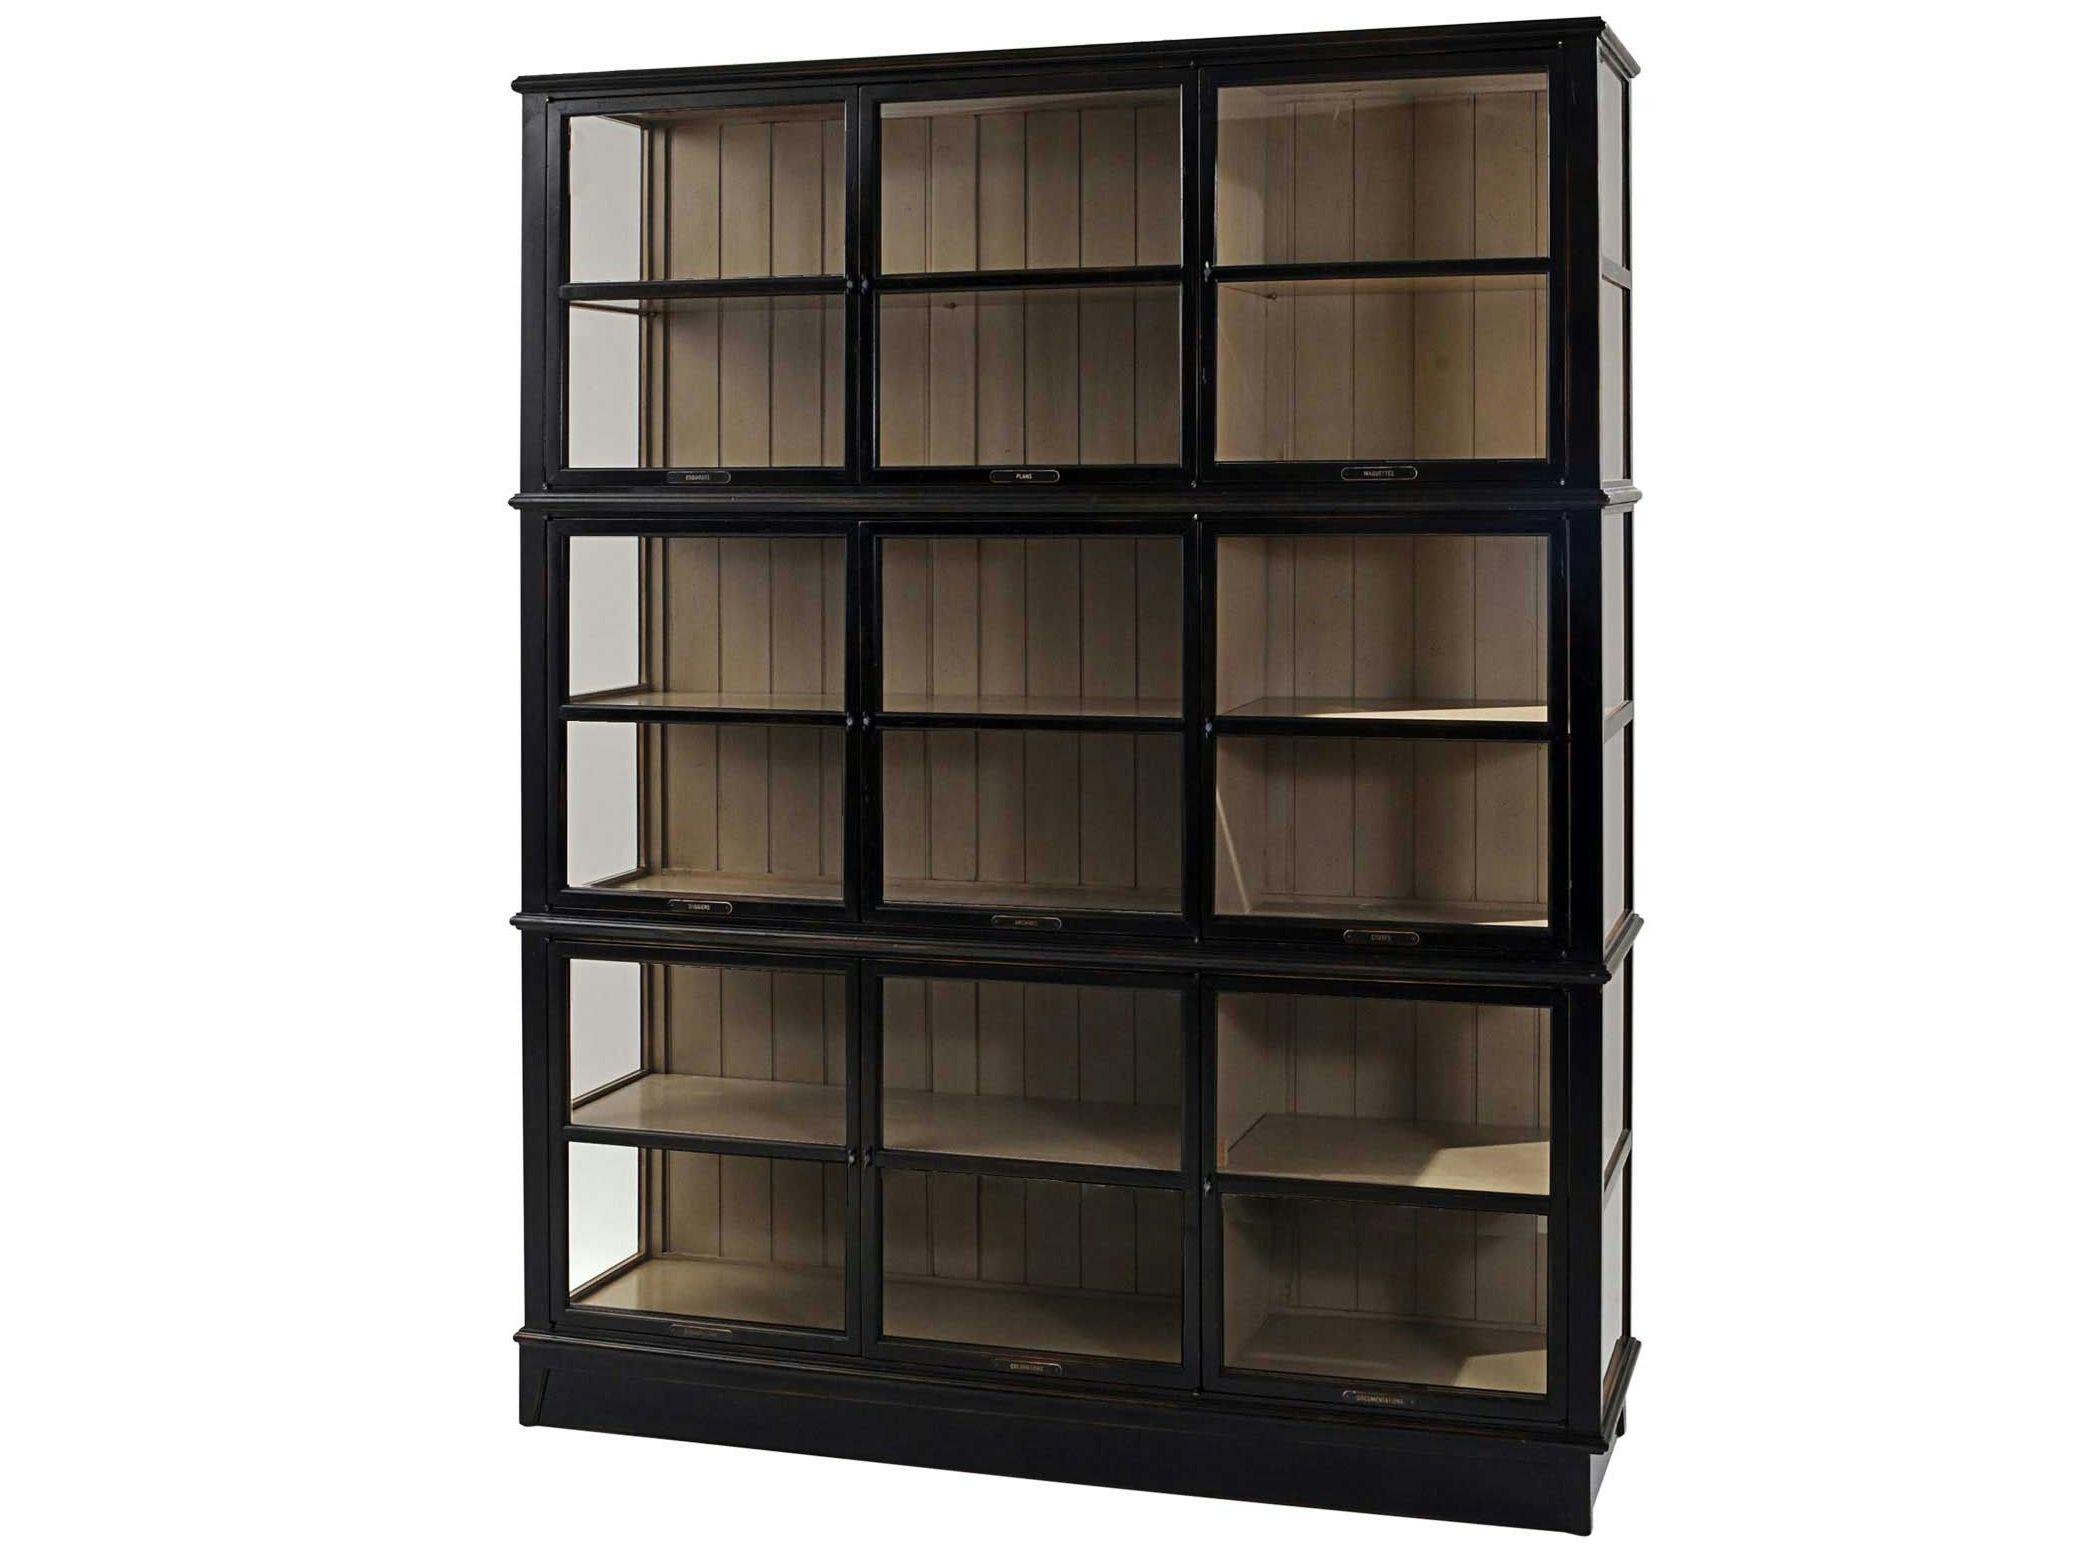 vitrine en cerisier architecte vitrine en cerisier roche bobois. Black Bedroom Furniture Sets. Home Design Ideas